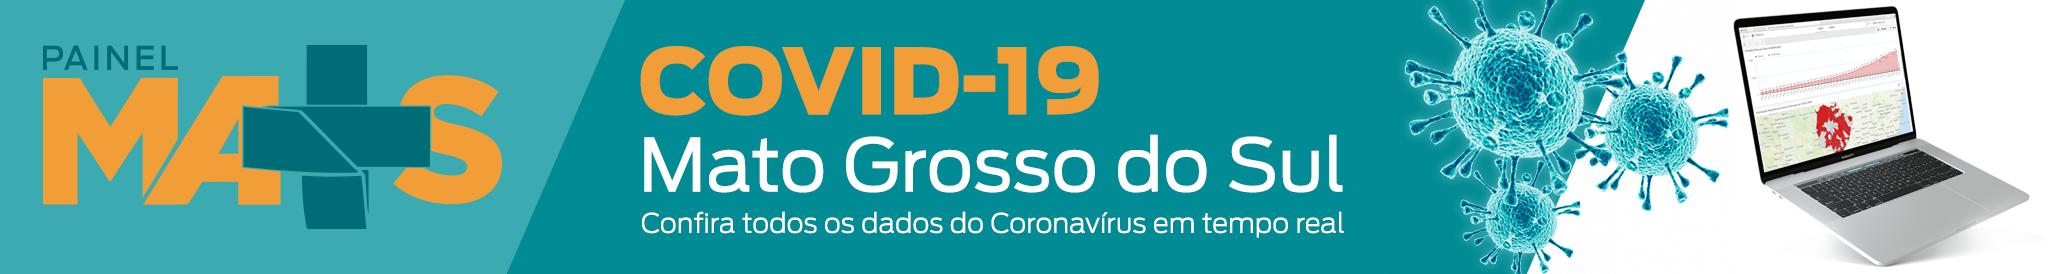 Painel Mais covid-19 Mato Grosso do Sul, confira todos os dados do coronavírus em tempo real.